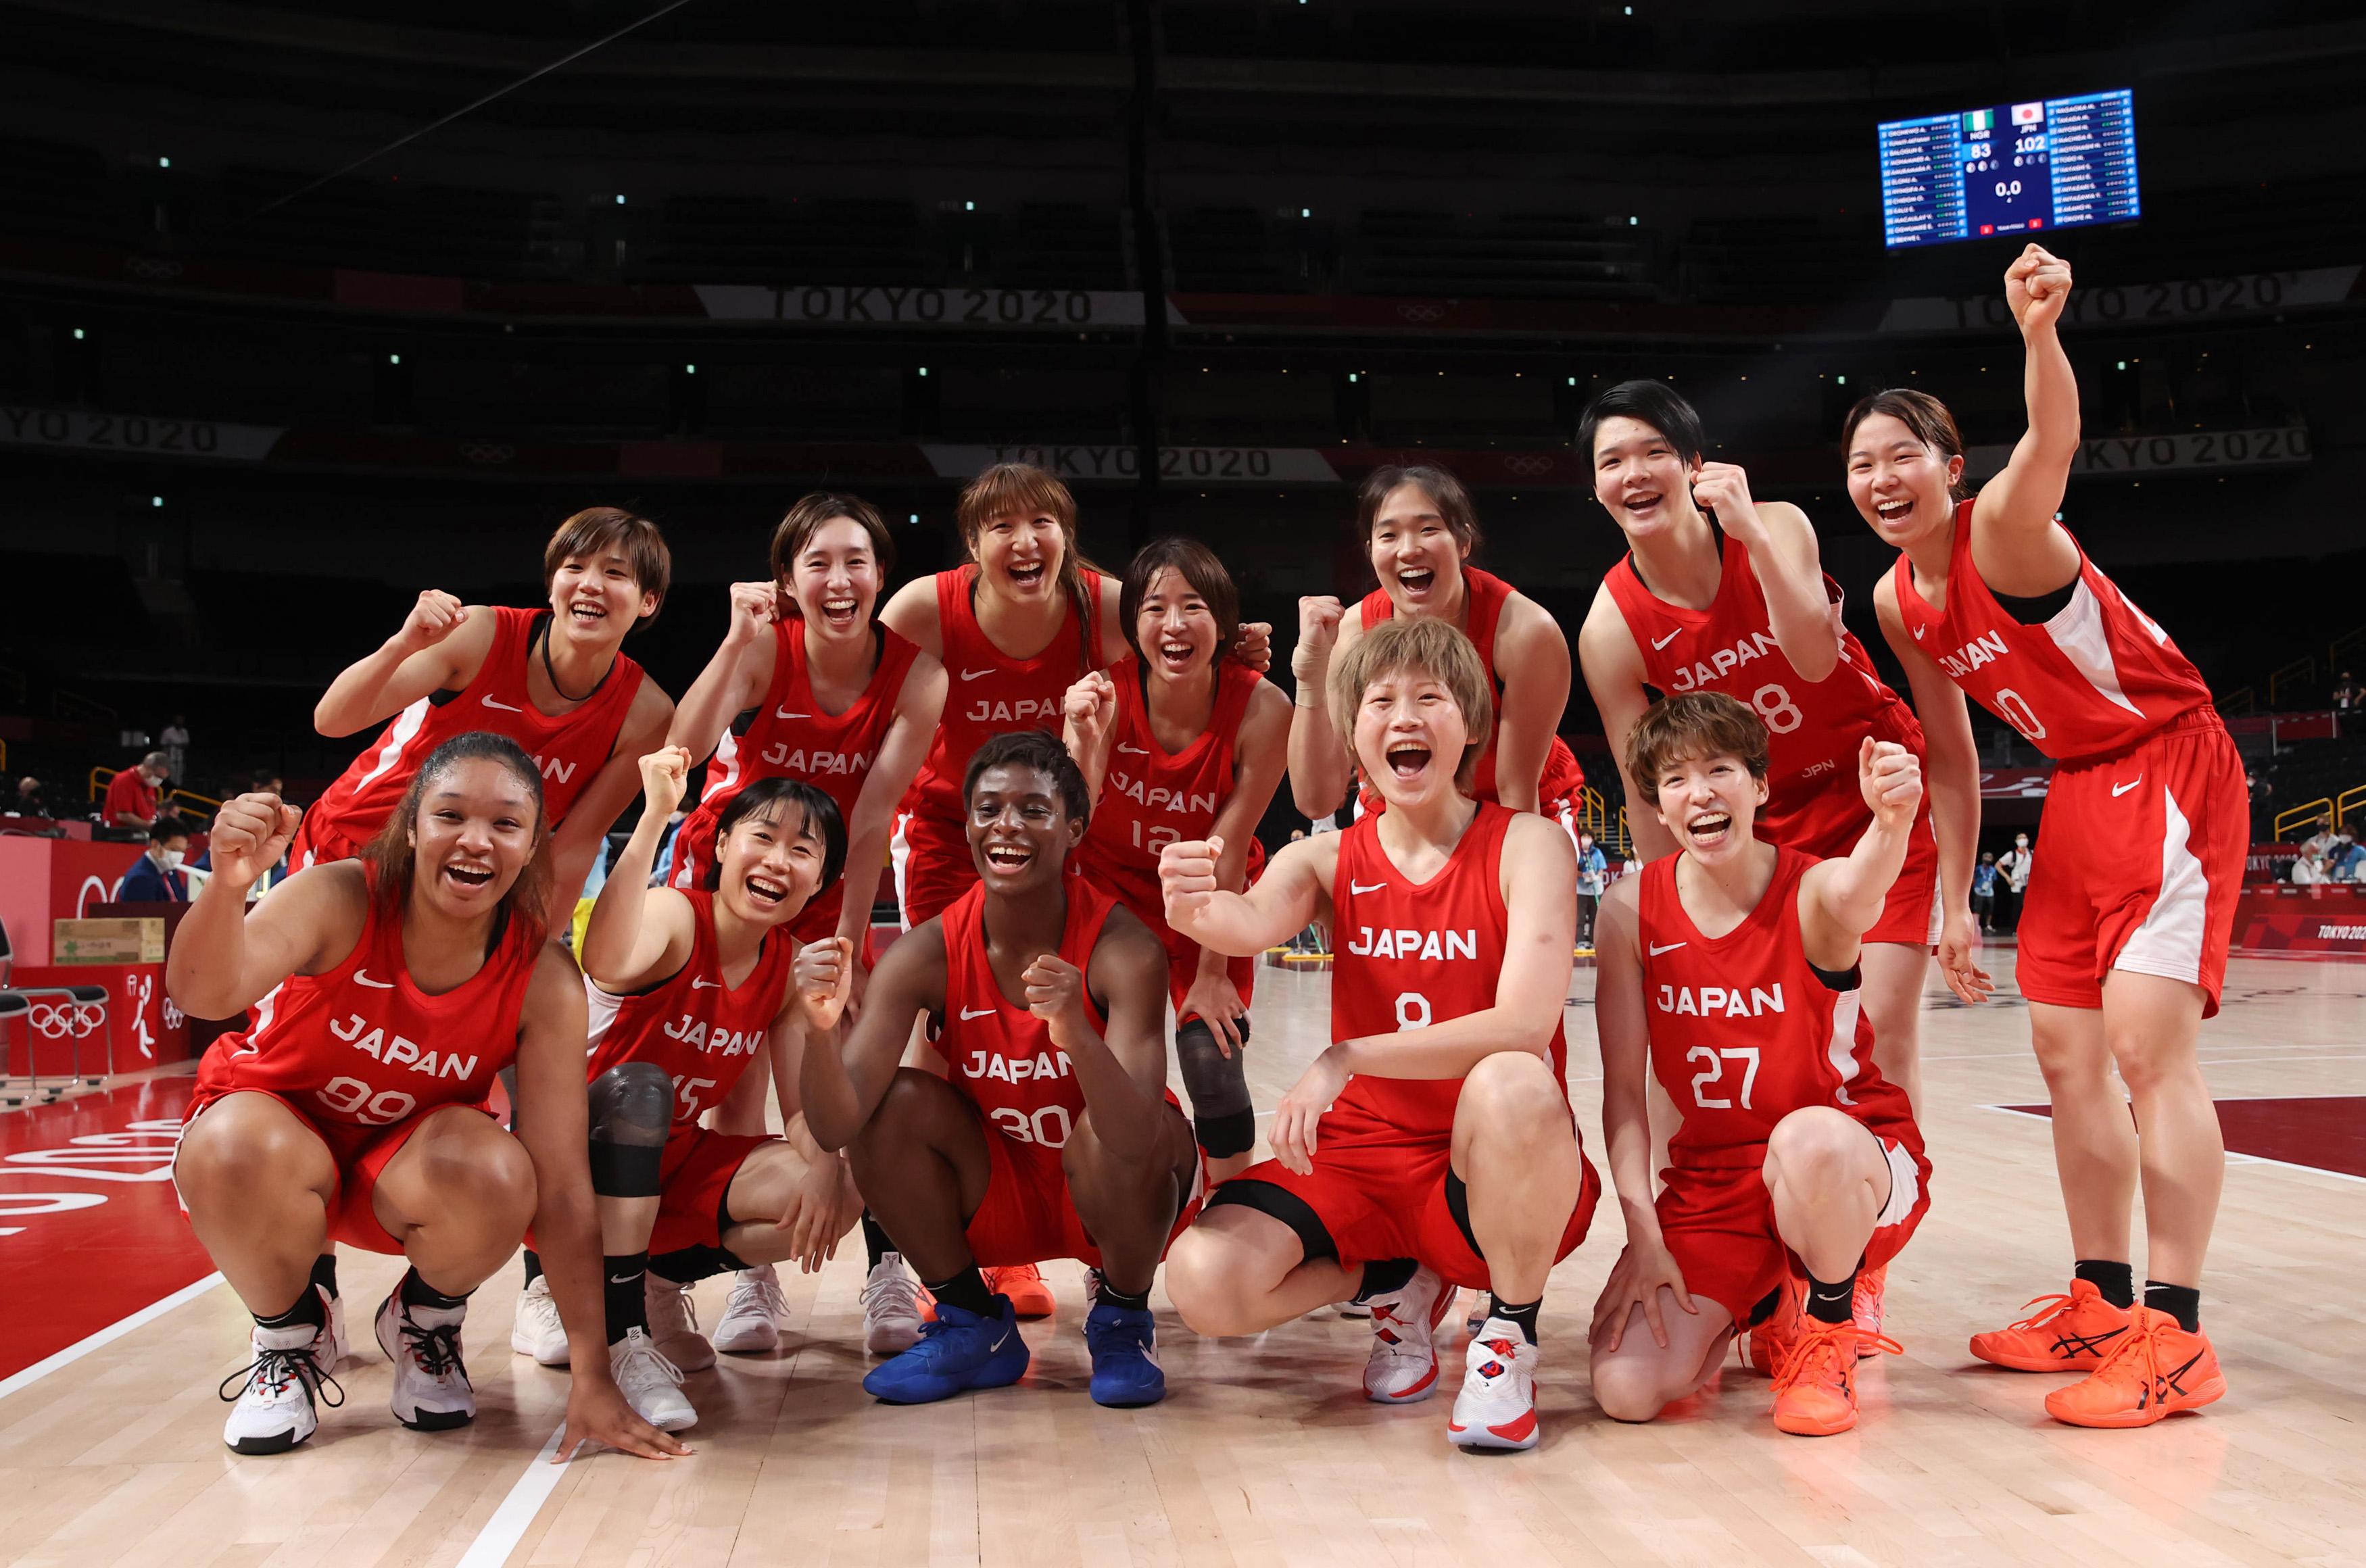 【東京五輪2020 バスケットボール】〈女子1次リーグ 日本対ナイジェリア〉第4クオーター 試合に勝利、写真撮影に応じる選手=2日、さいたまスーパーアリーナ(川口良介撮影)